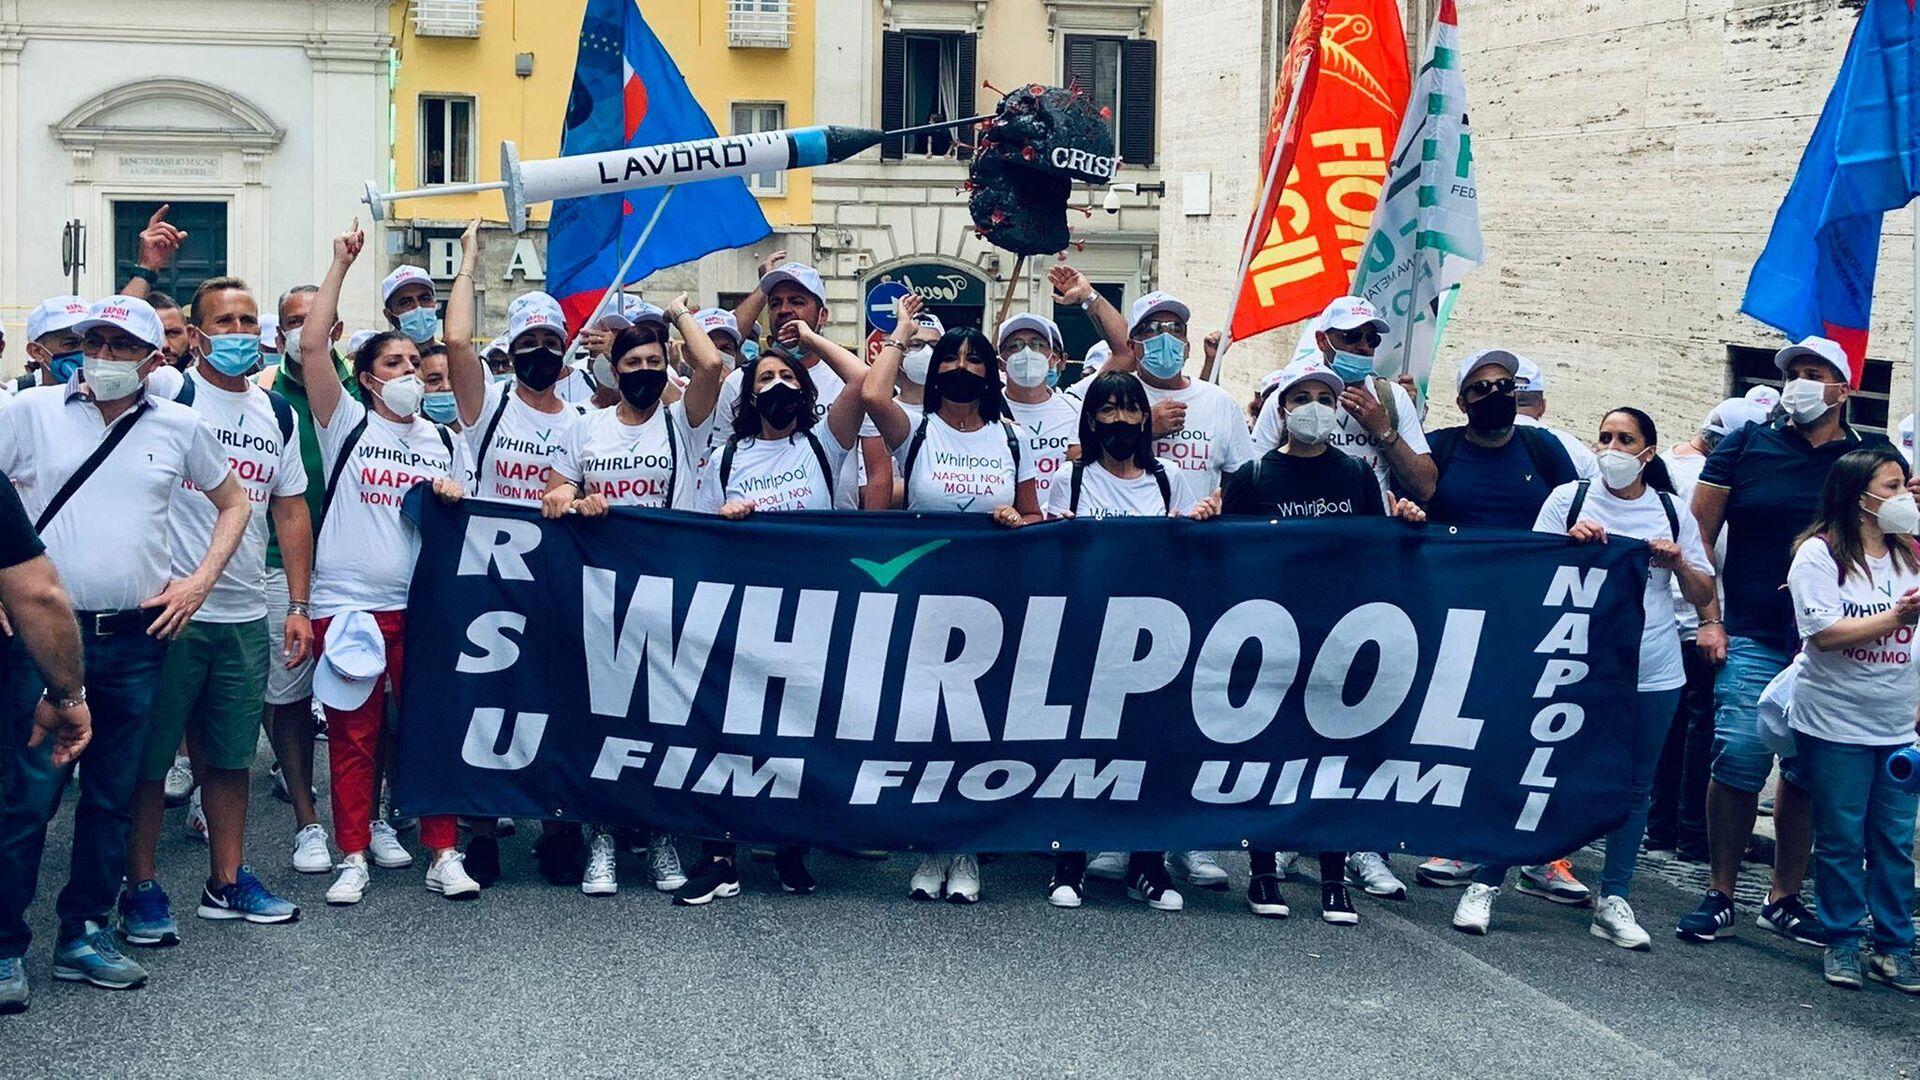 Lavoratori Whirlpool - Sputnik Italia, 1920, 13.08.2021